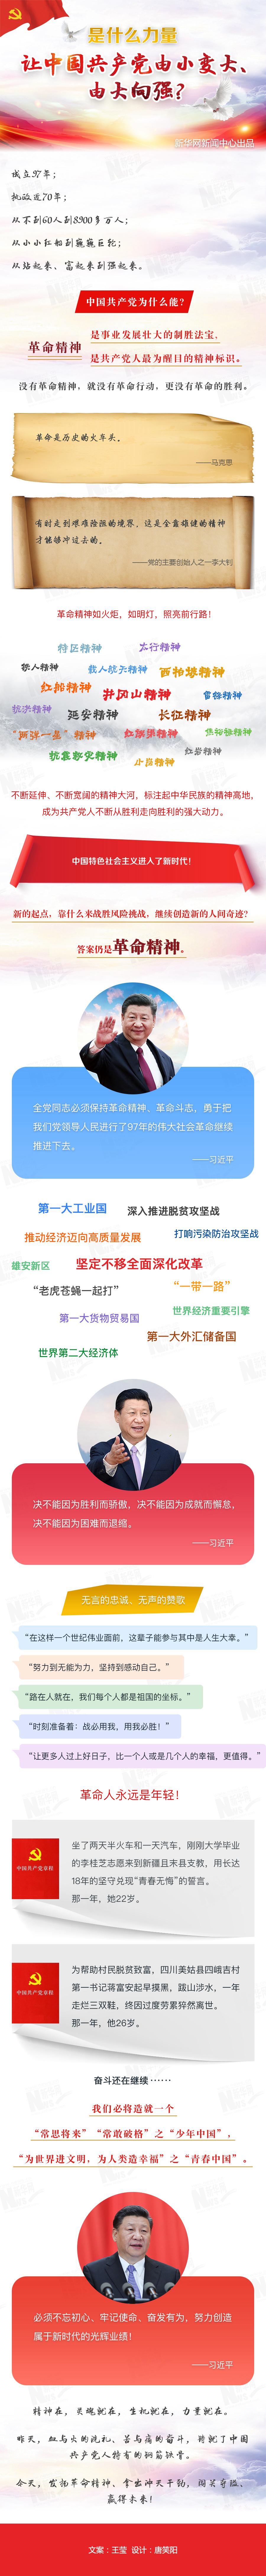 [图解]是什么力量让中国共产党由小变大、由大向强?